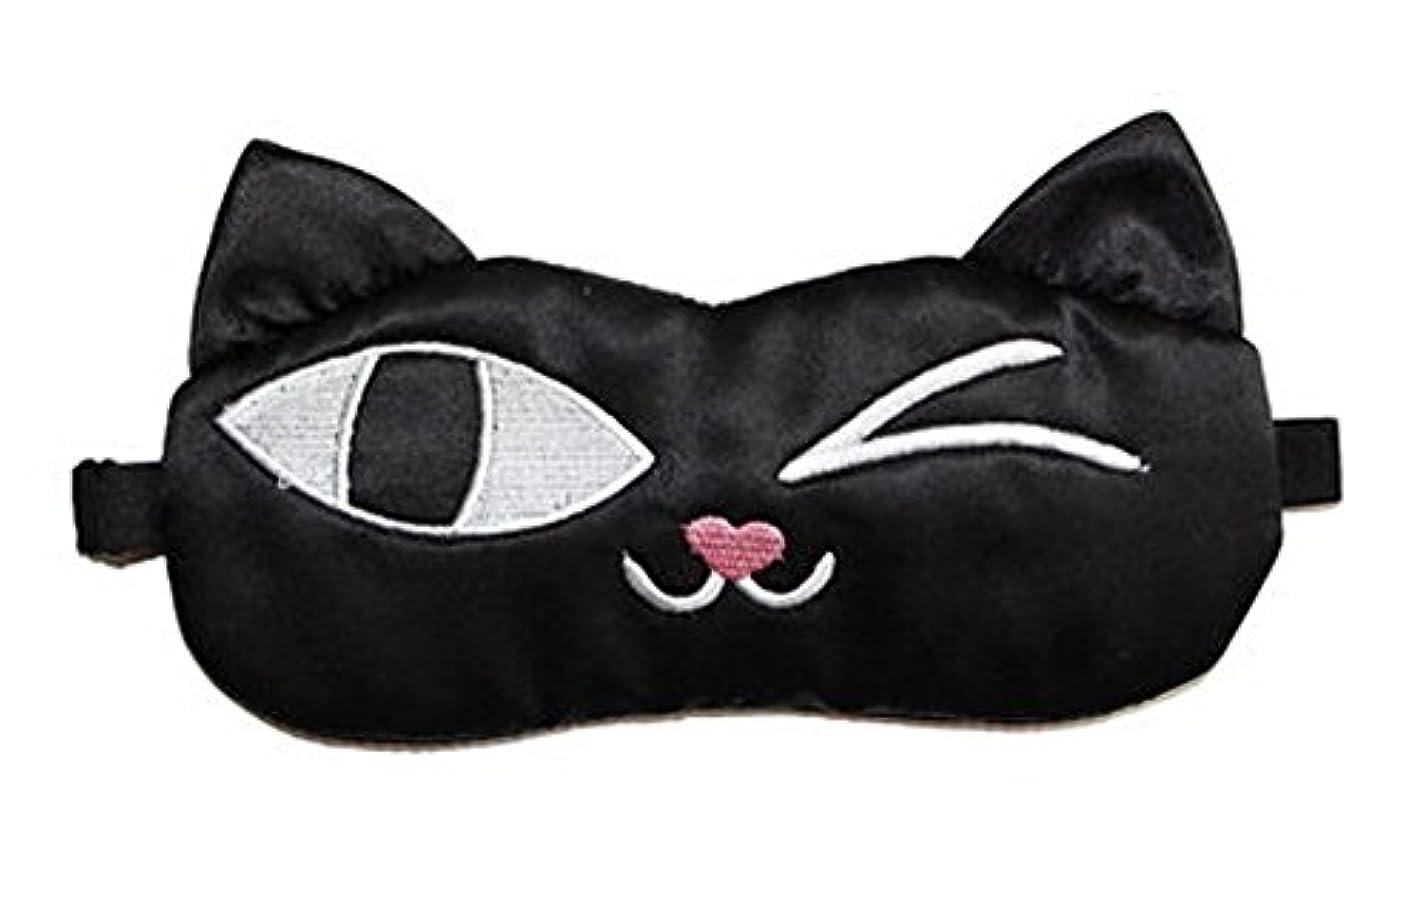 言及する番号ジャベスウィルソン旅行と昼寝のためのかわいい黒猫ソフトシルクスリープアイマスク弾性アイシェード目隠し